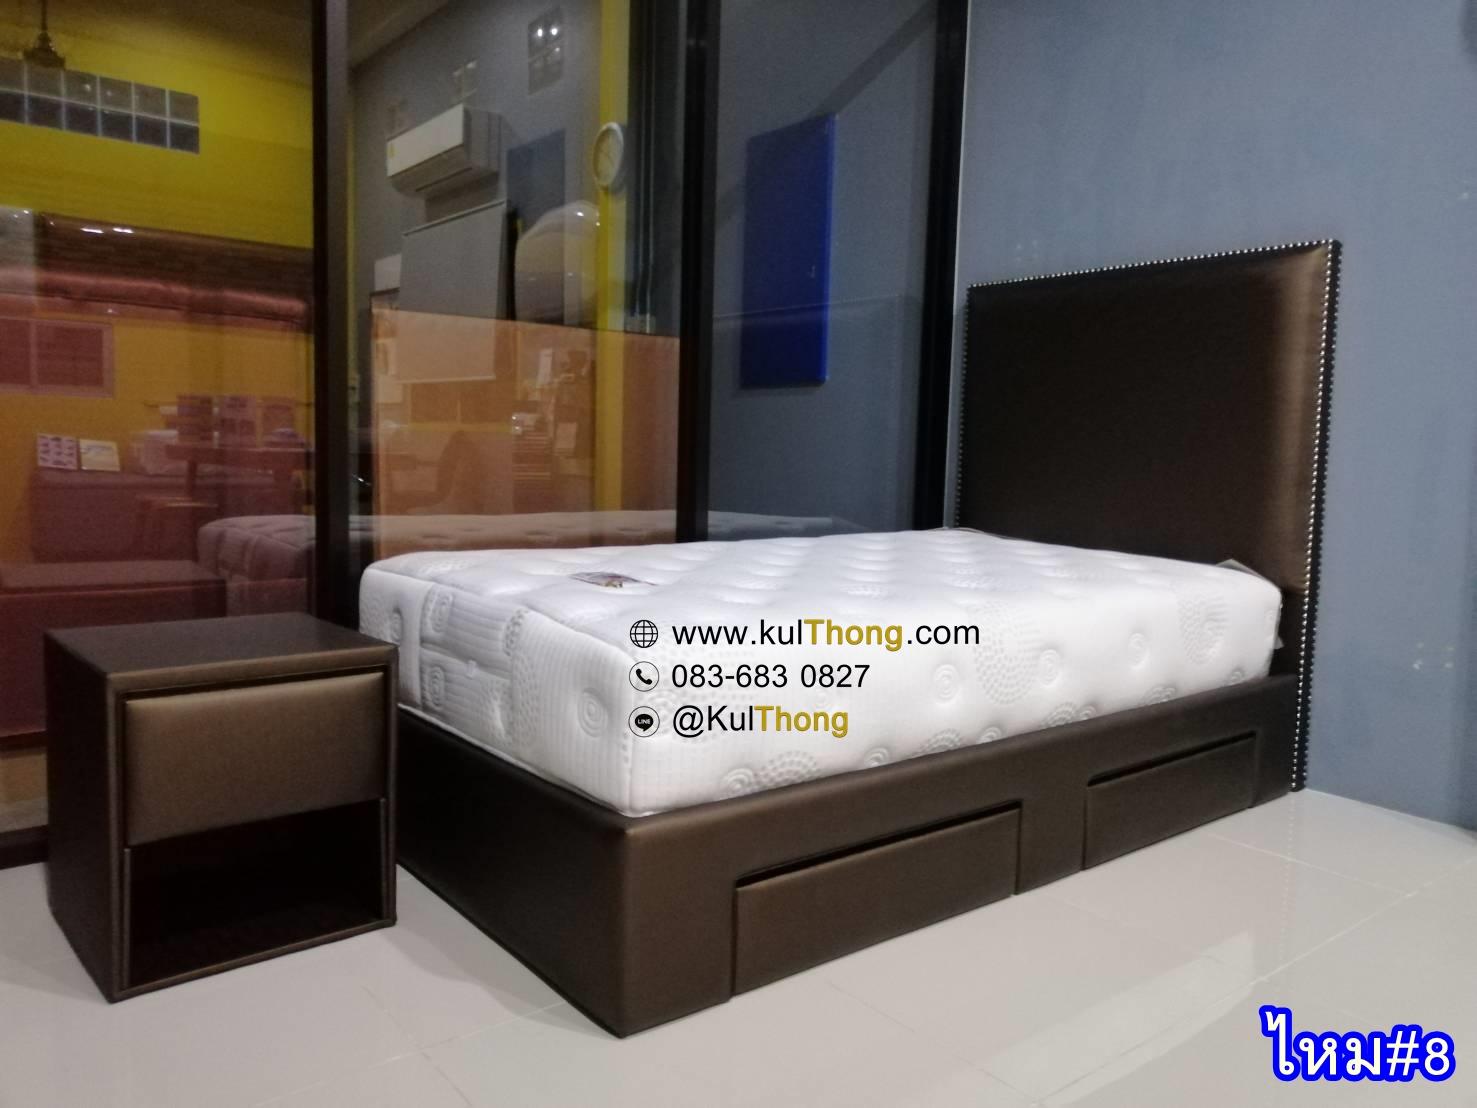 เตียงหัวเรียบ เตียงหุ้มหนังมีลิ้นชัก ฐานเตียงเก็บของ